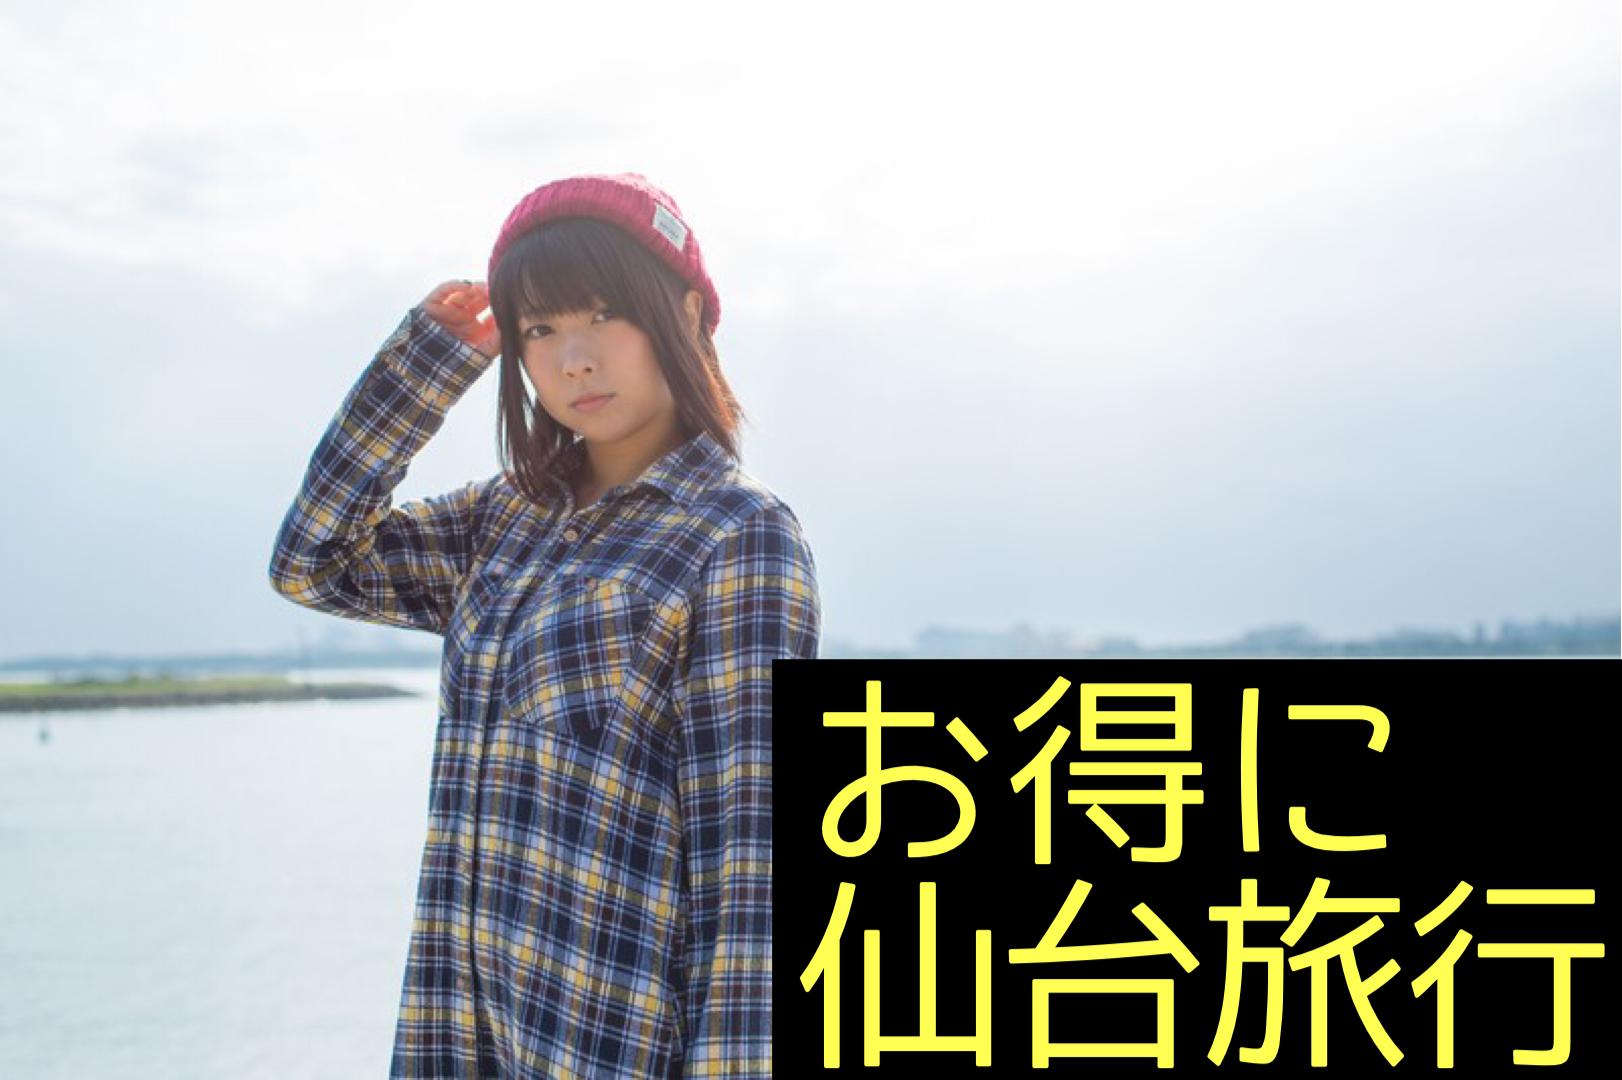 【誰でも格安でお得に楽しめる】仙台へ旅行してきました